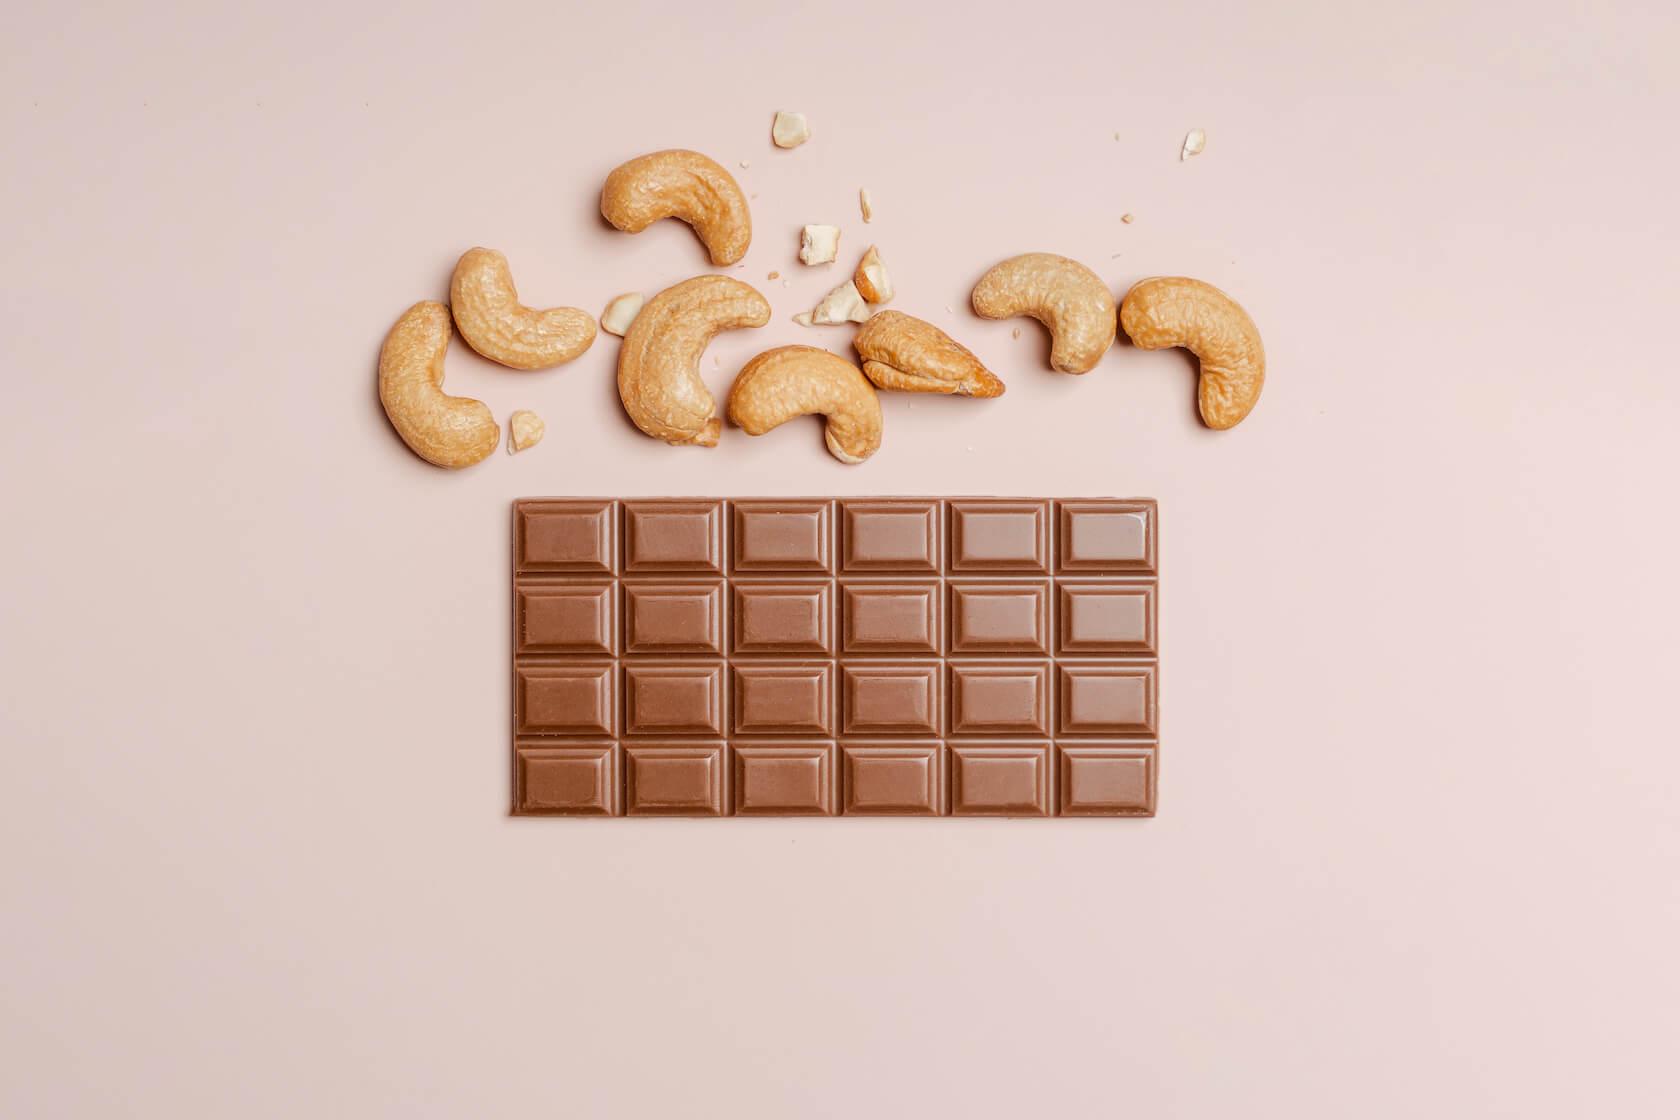 шоколад bob